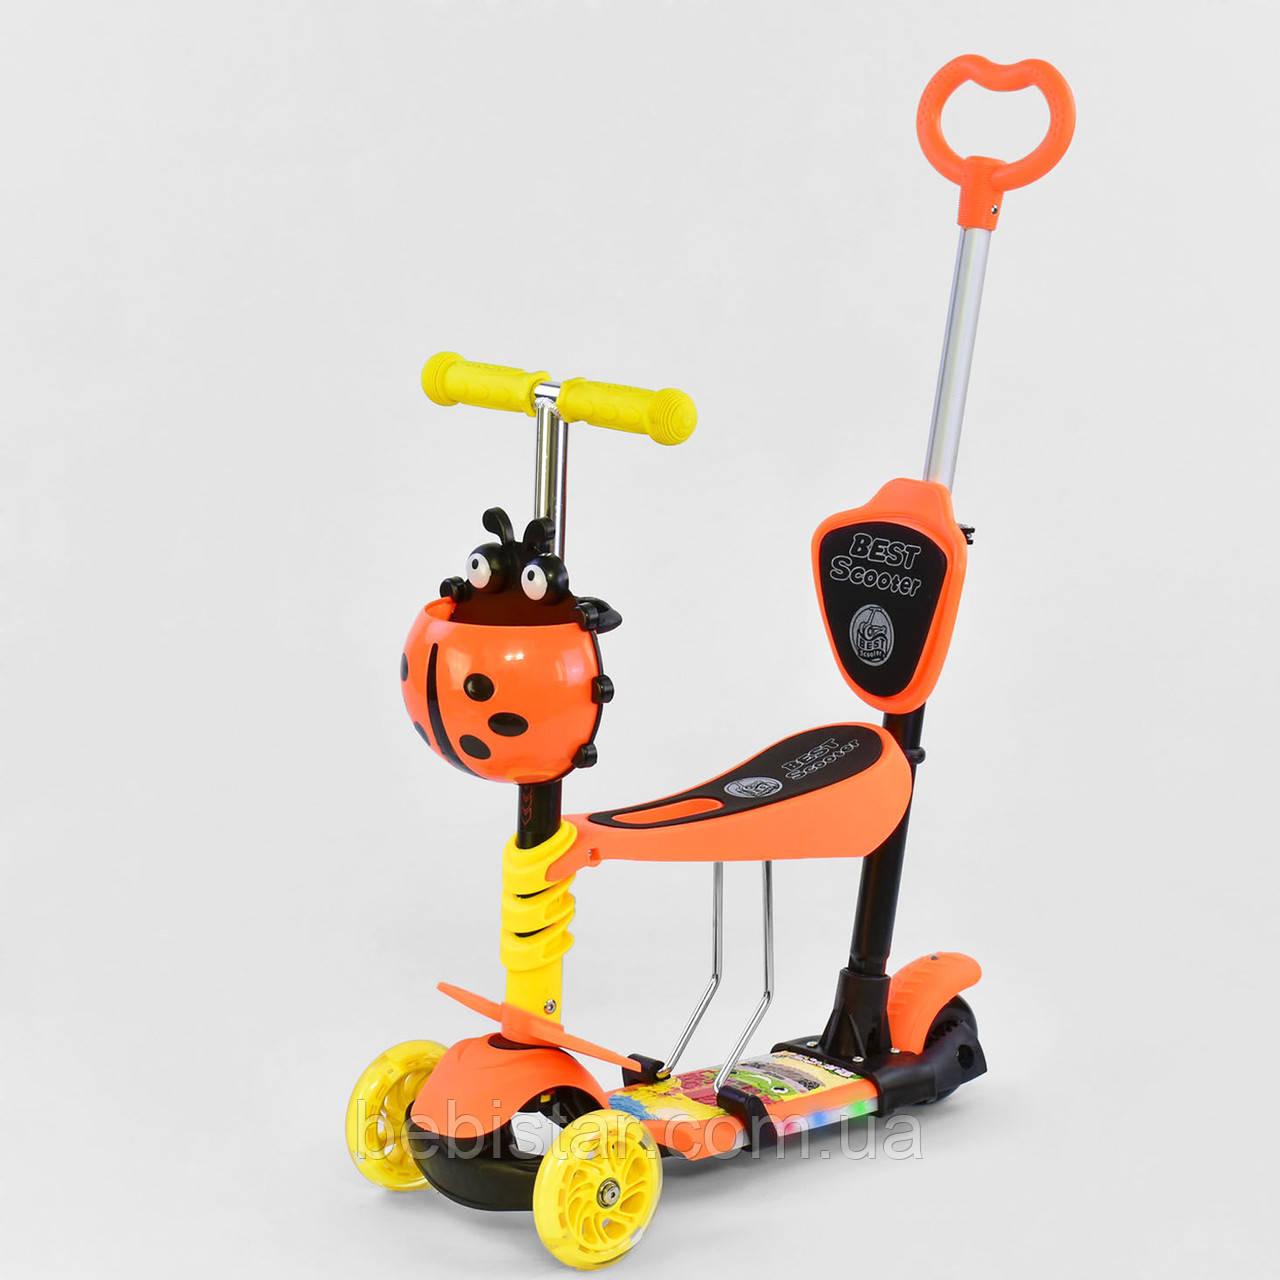 Самокат трехколесный 5в1 оранжевый с ручкой, подсветкой платформы и светящимися колесами деткам от 1года